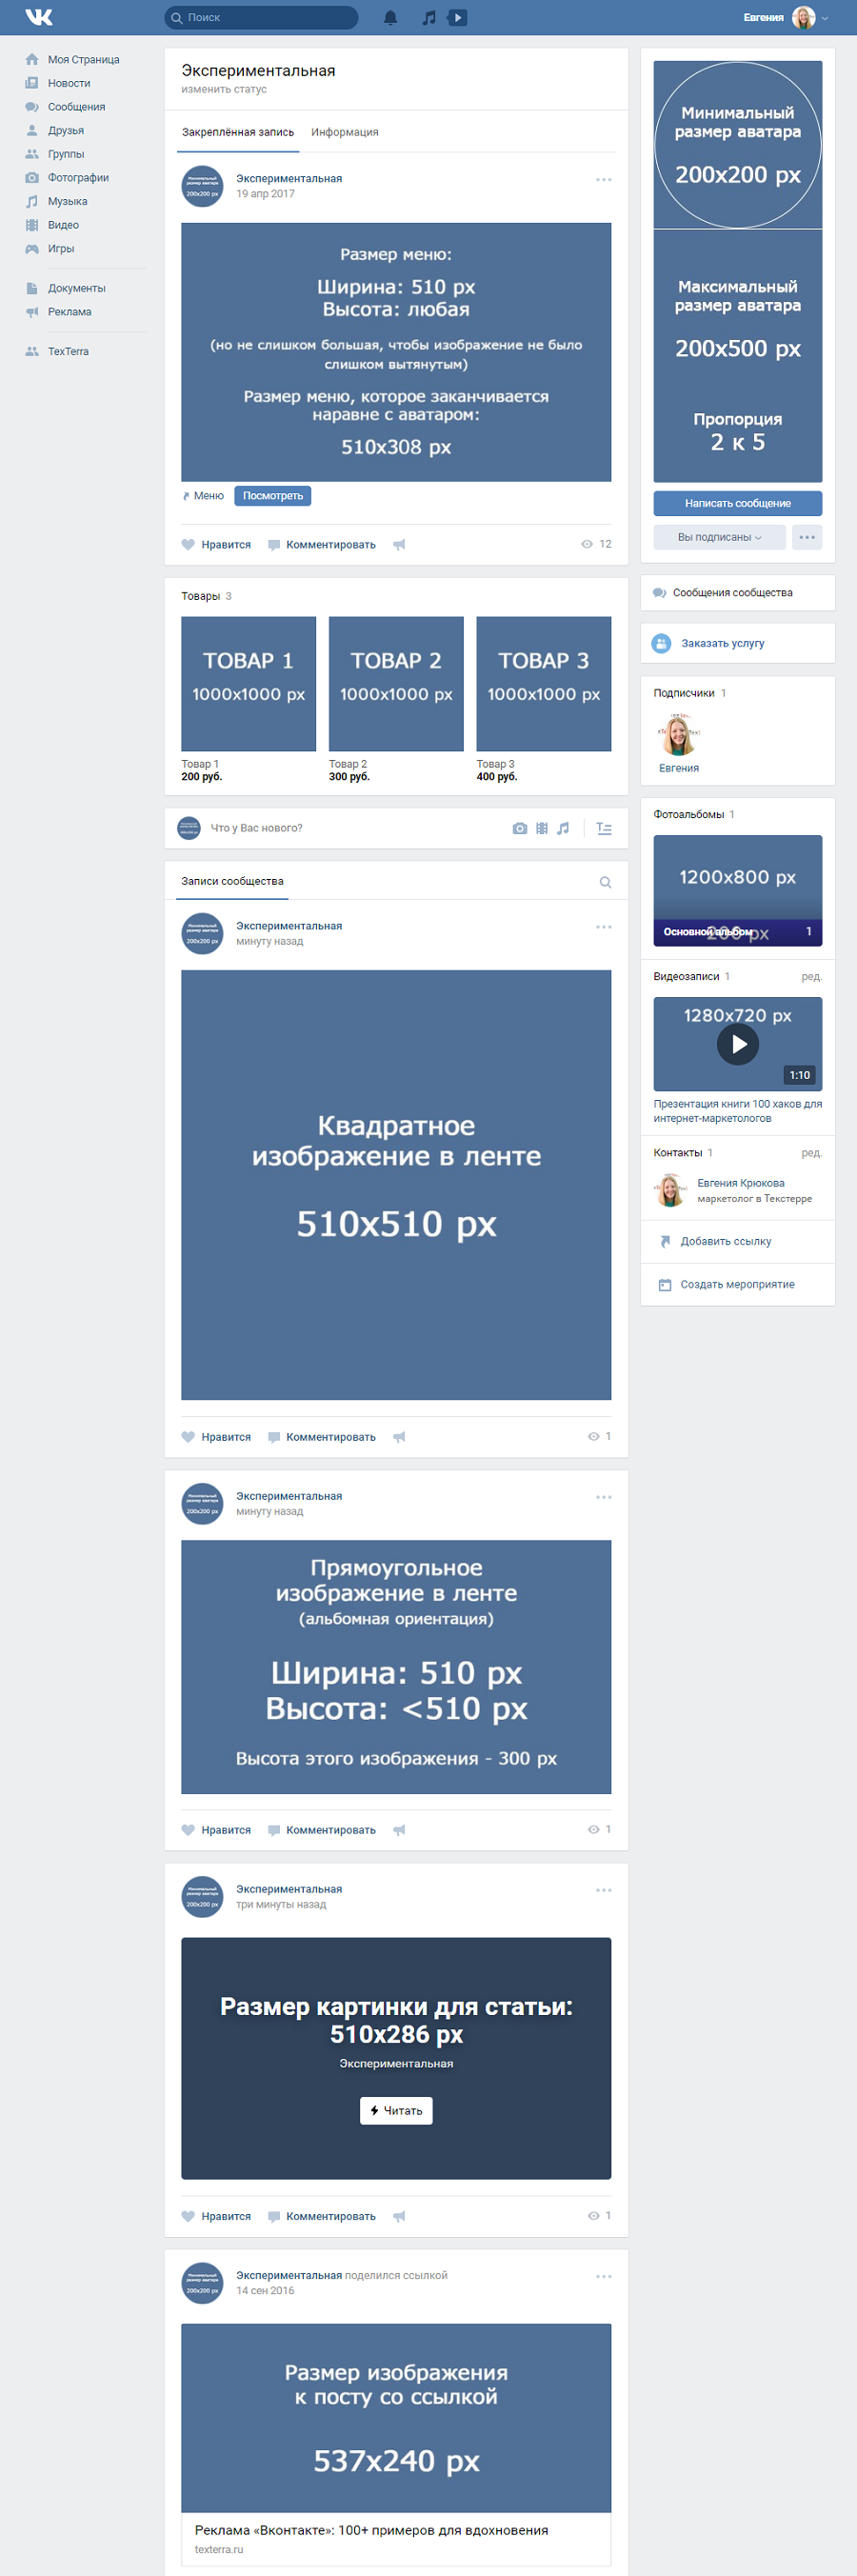 Новые размеры изображений в социальной сети «Вконтакте»